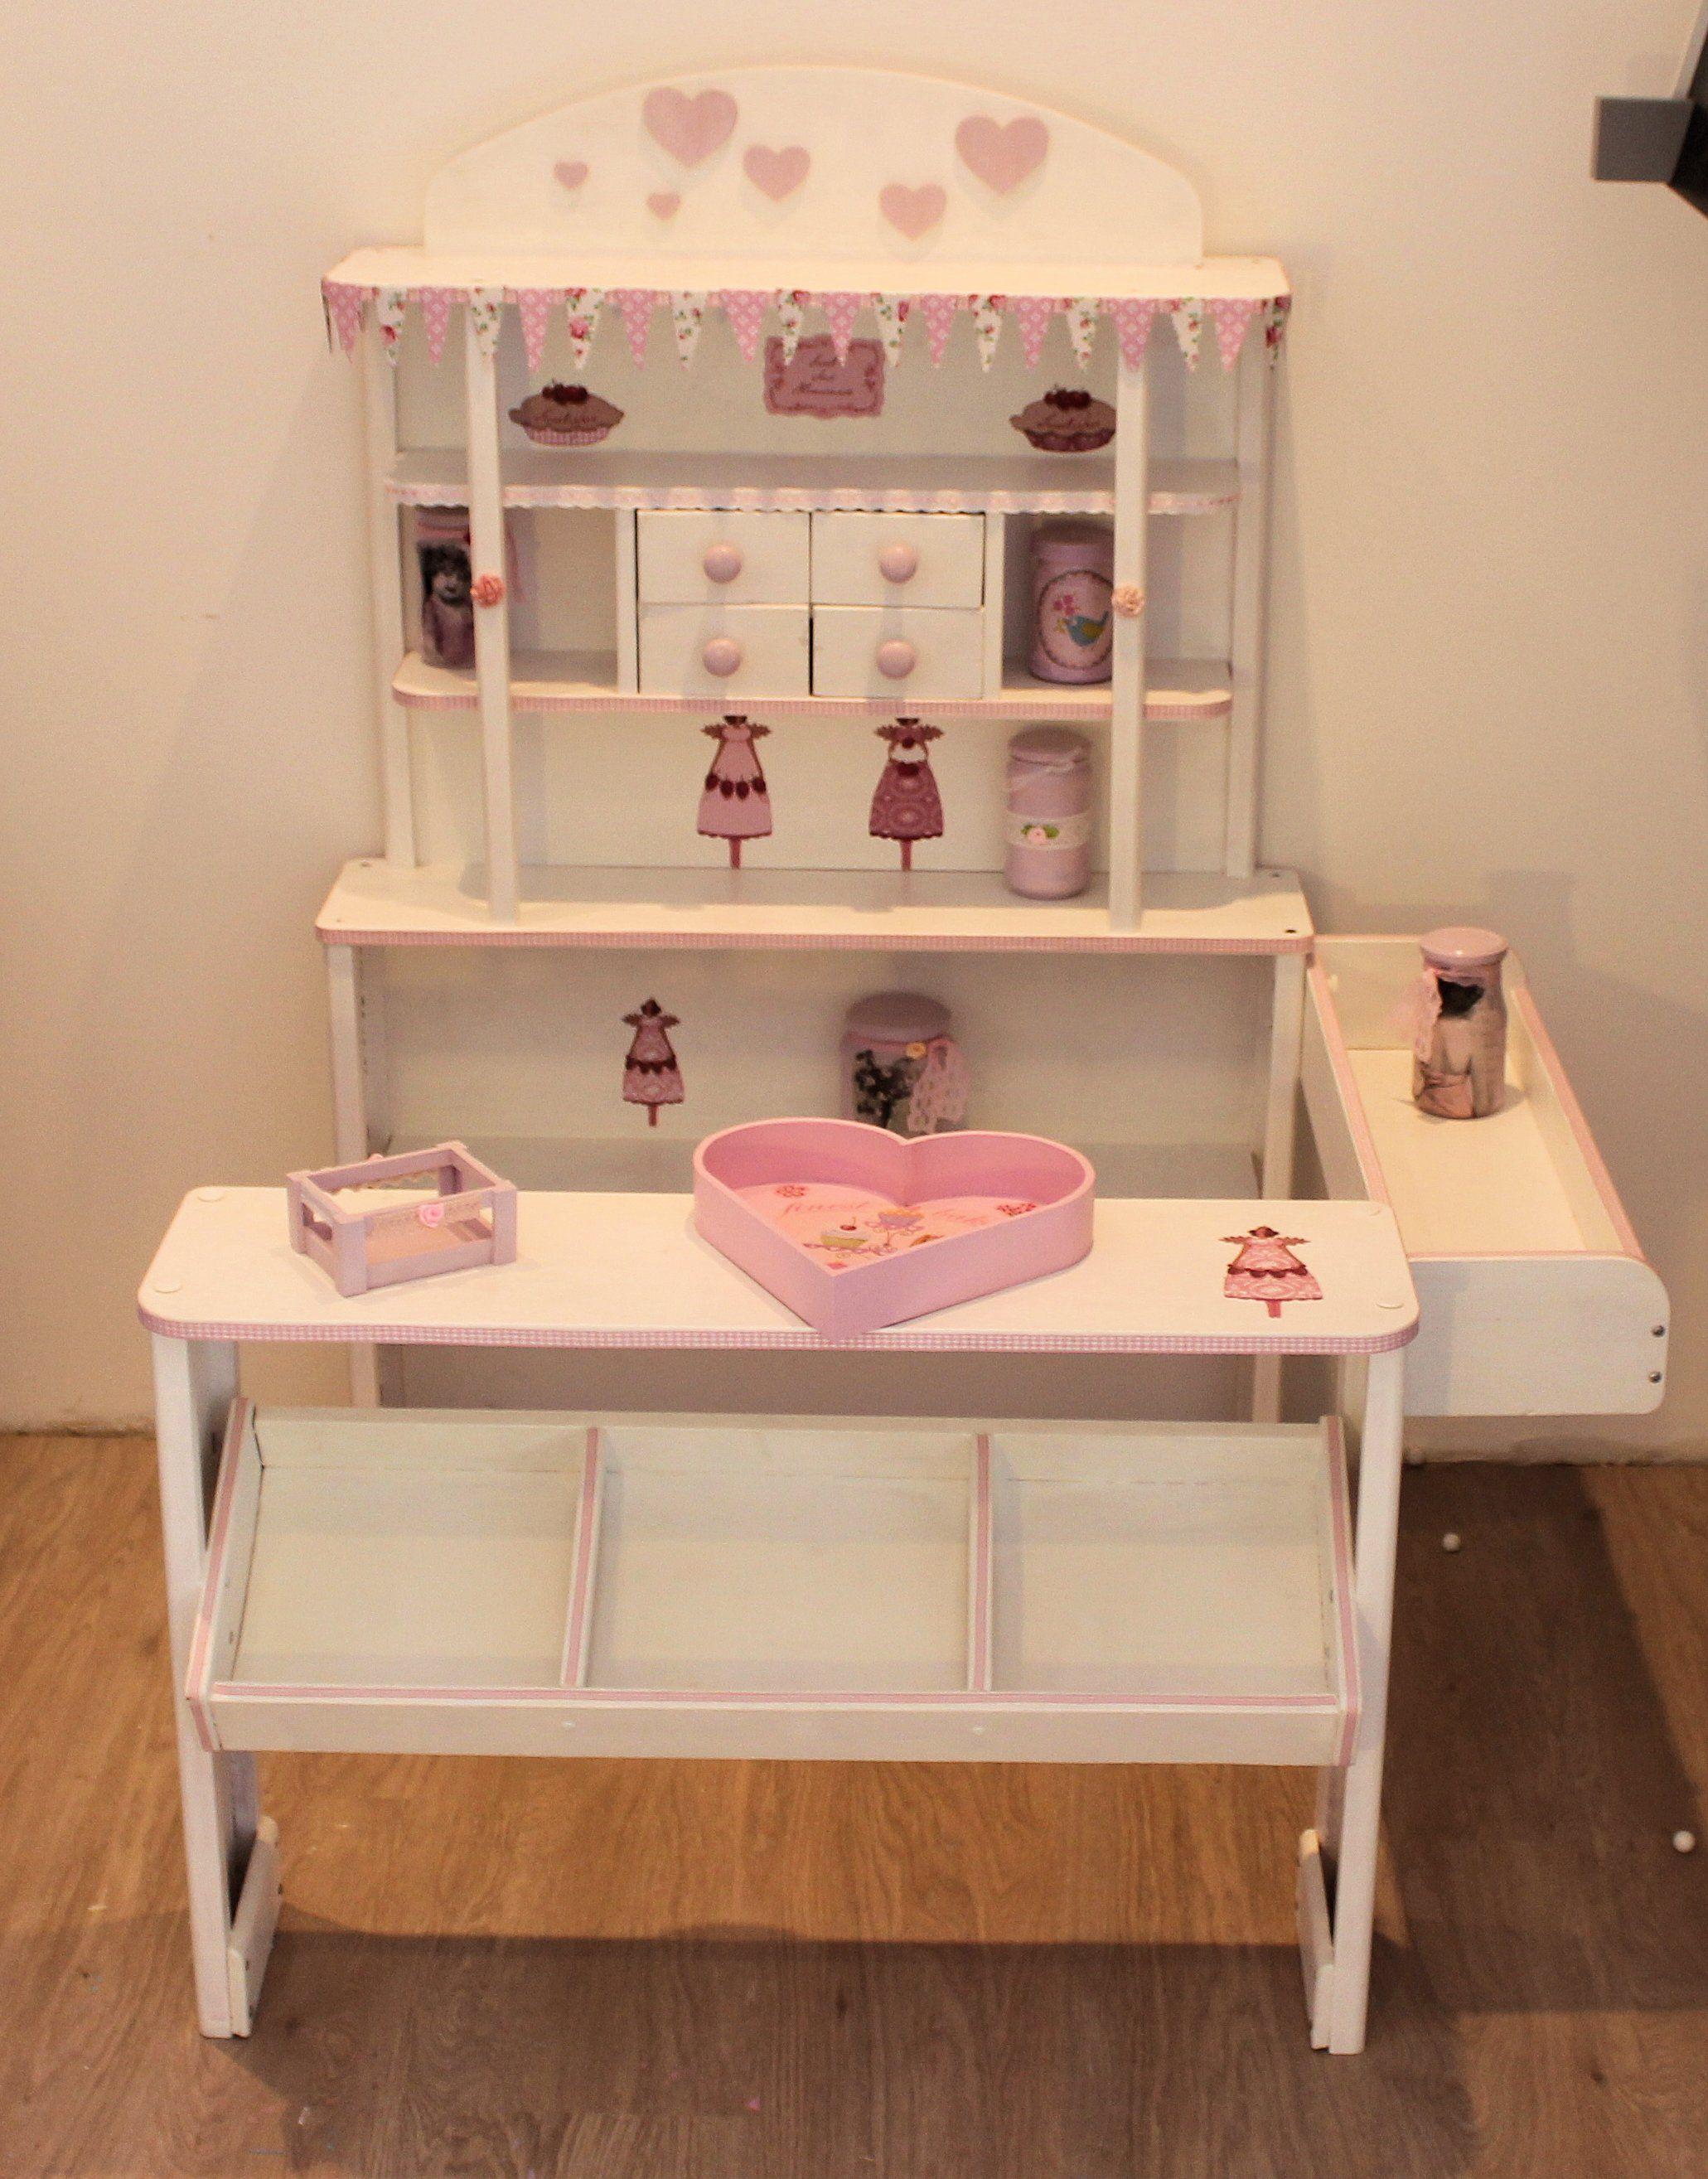 kaufladen weiß rosa tilda | kaufladen | pinterest | paper dolls